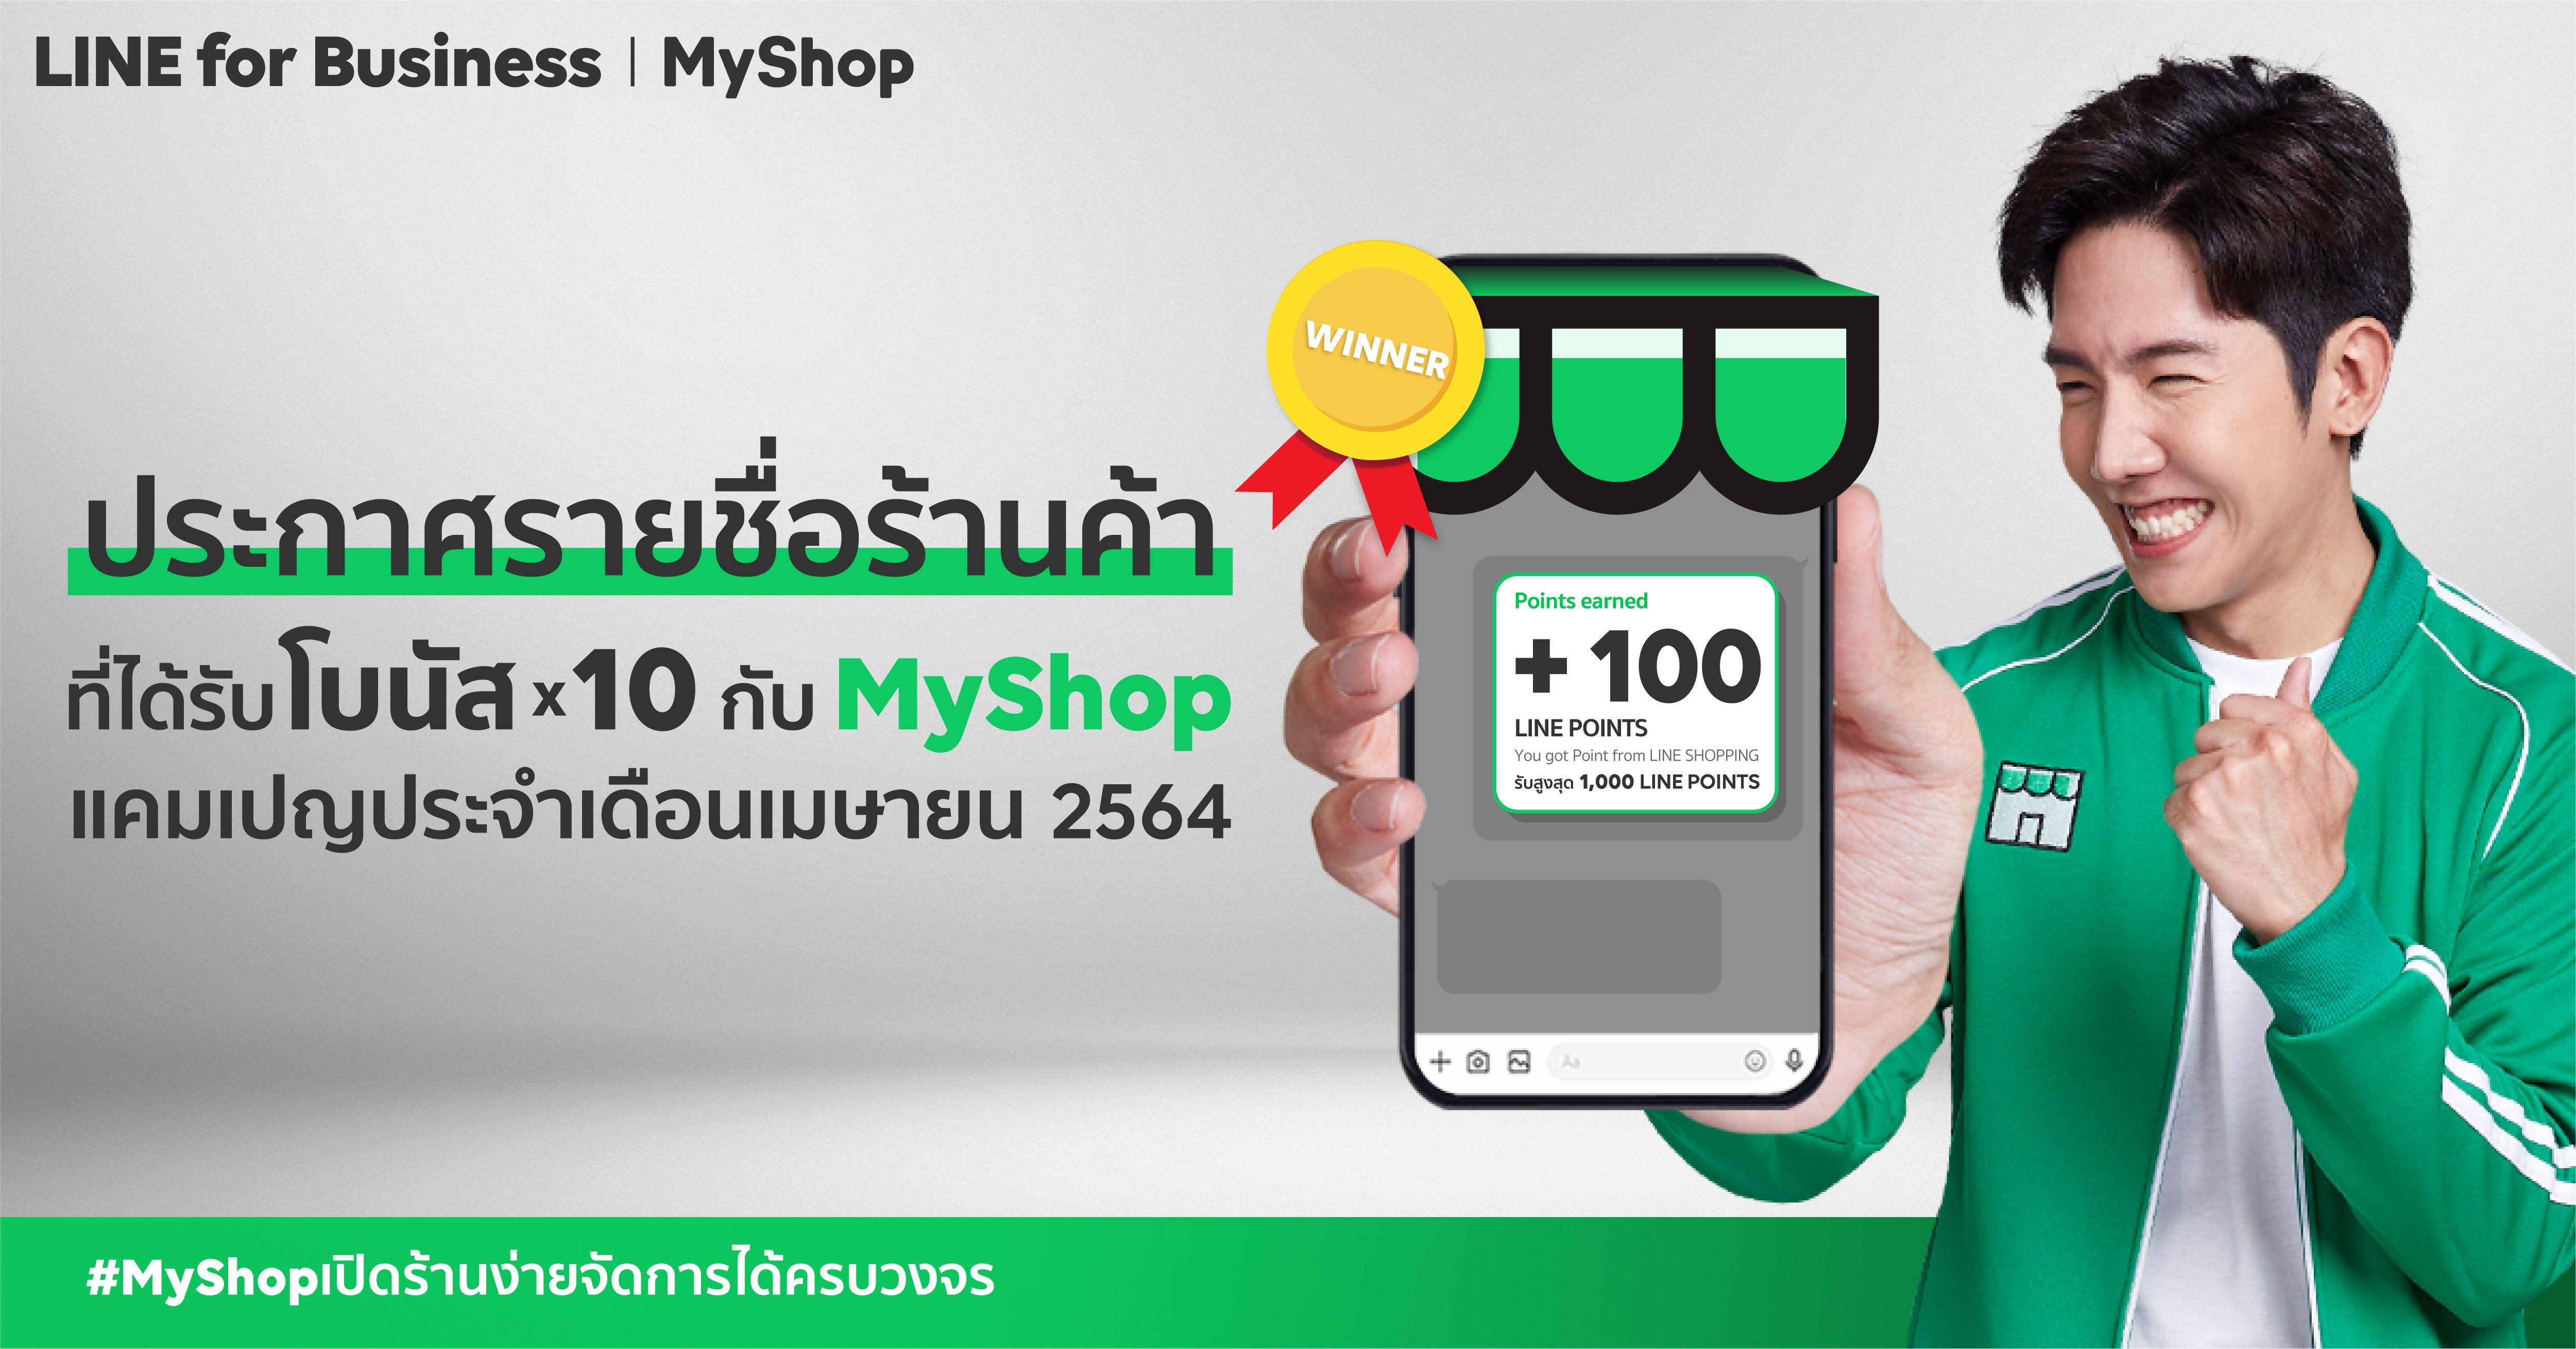 ประกาศรายชื่อร้านค้าที่ได้รับโบนัสคูณ 10 กับ MyShop สูงสุด 1,000 LINE POINTS